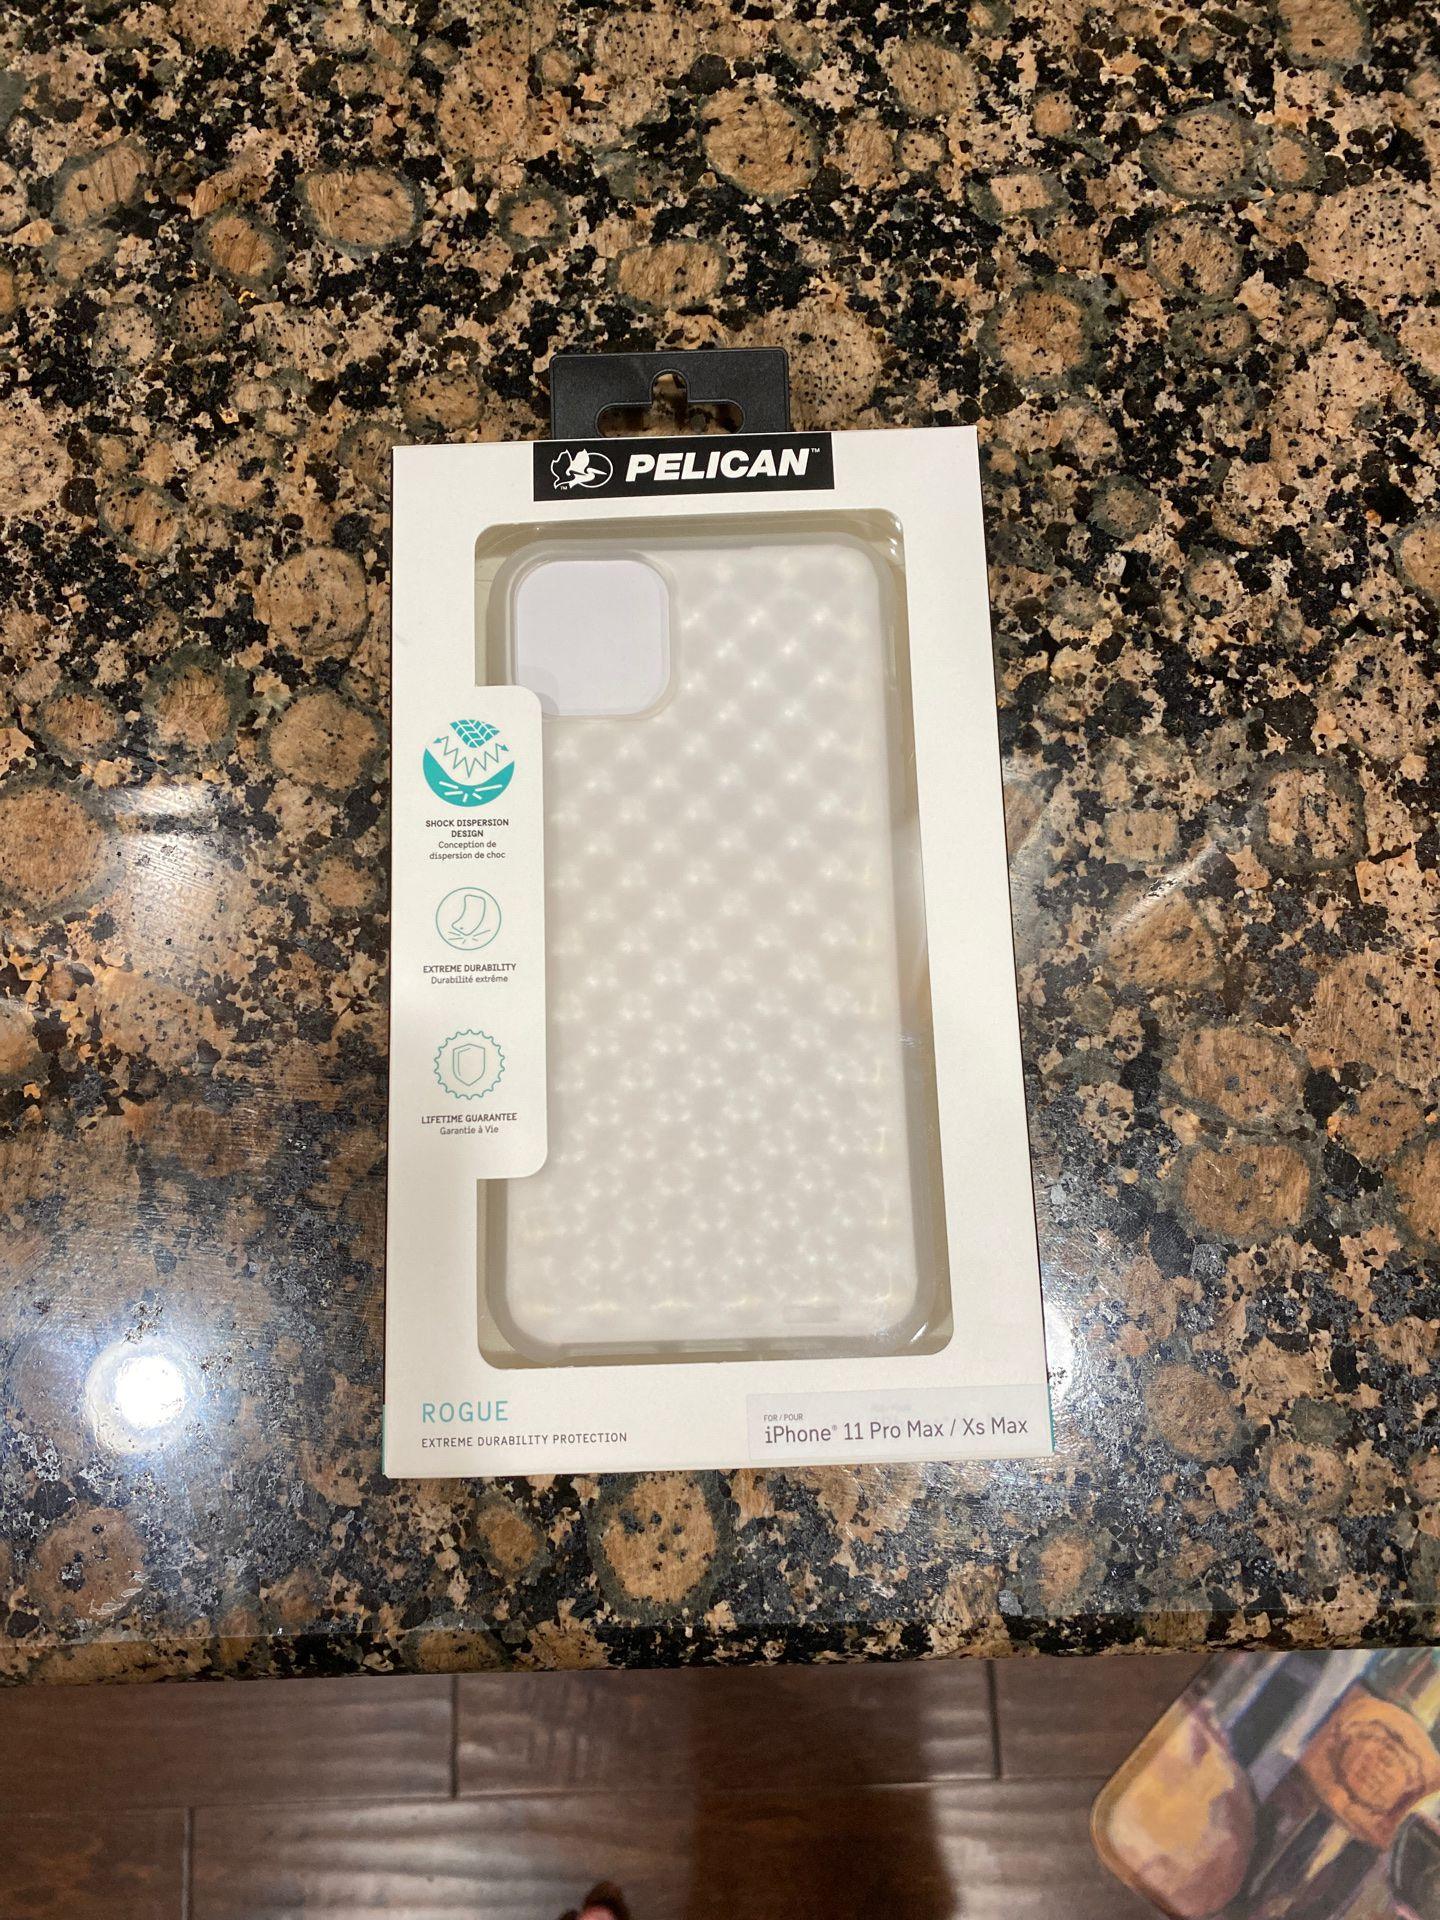 Pelican Rogue case